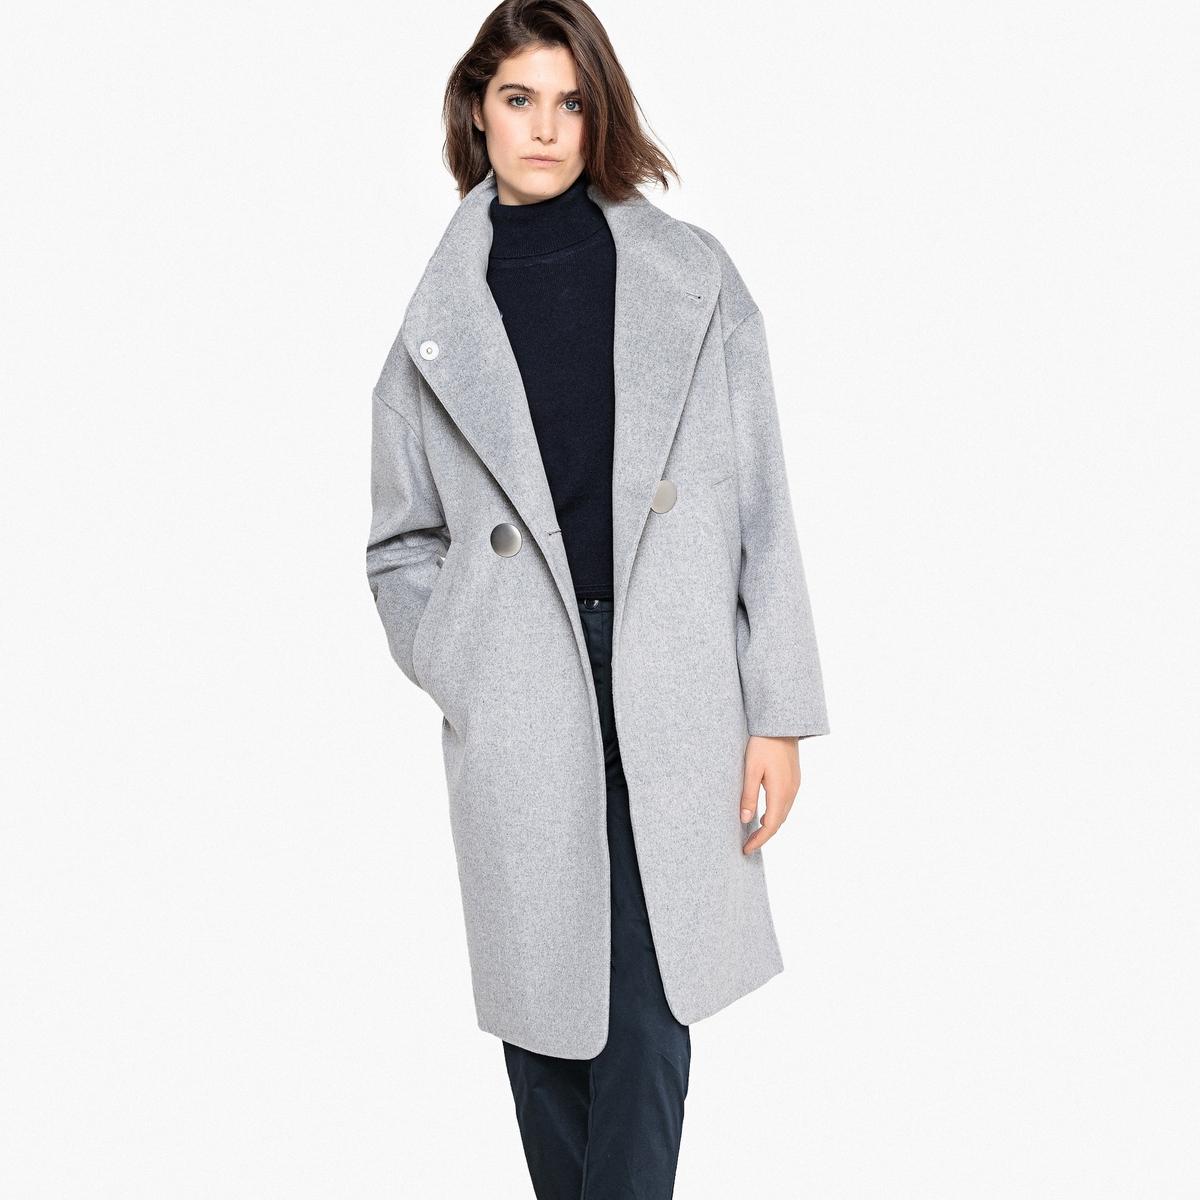 Abrigo largo con cuello alto de lana mezclada